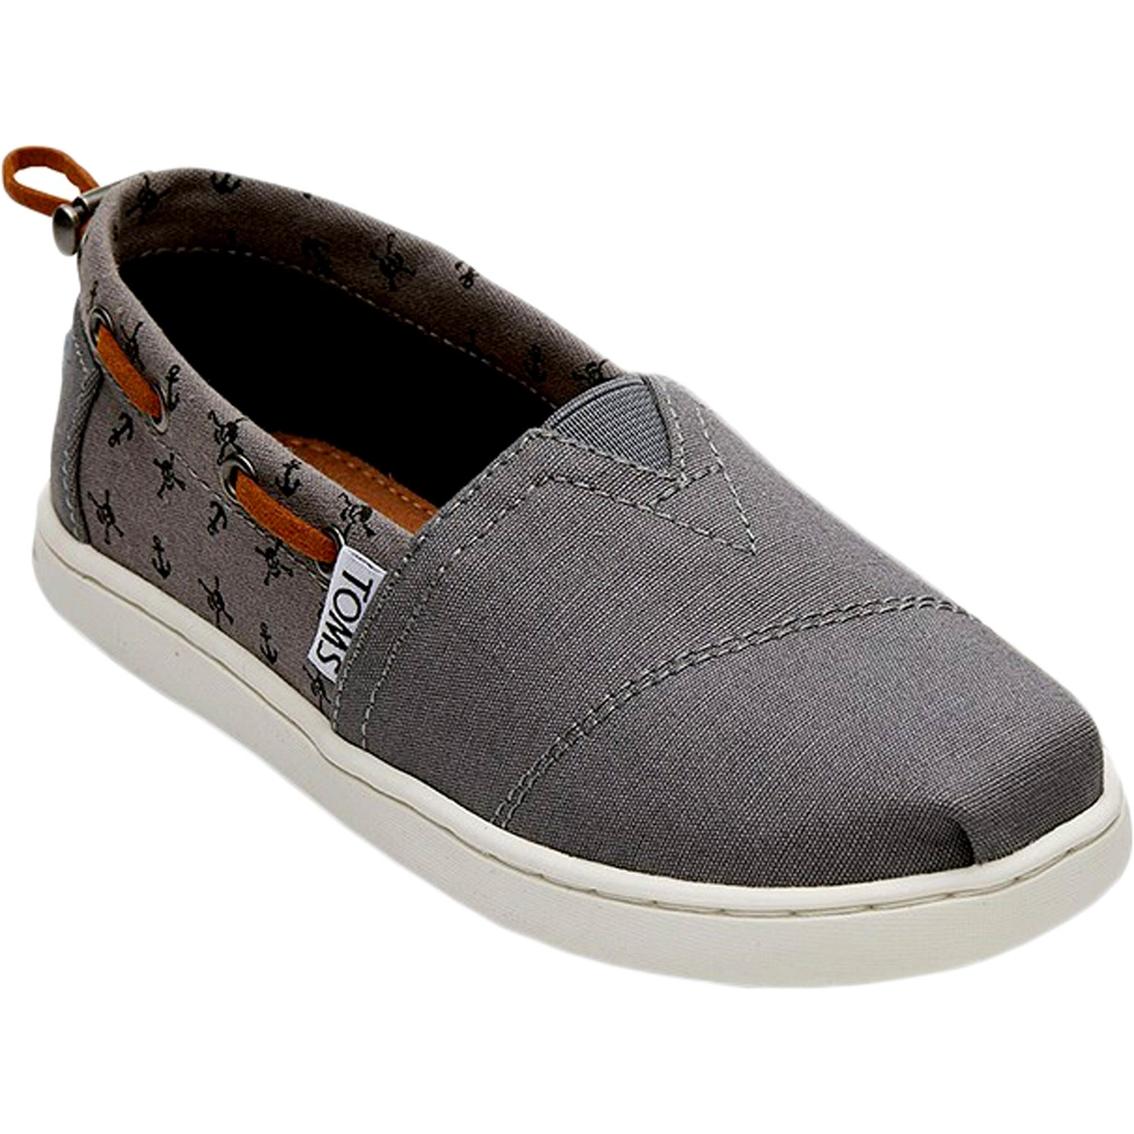 3b73d72be15 Toms Boys Bimini Skull Slip On Shoes